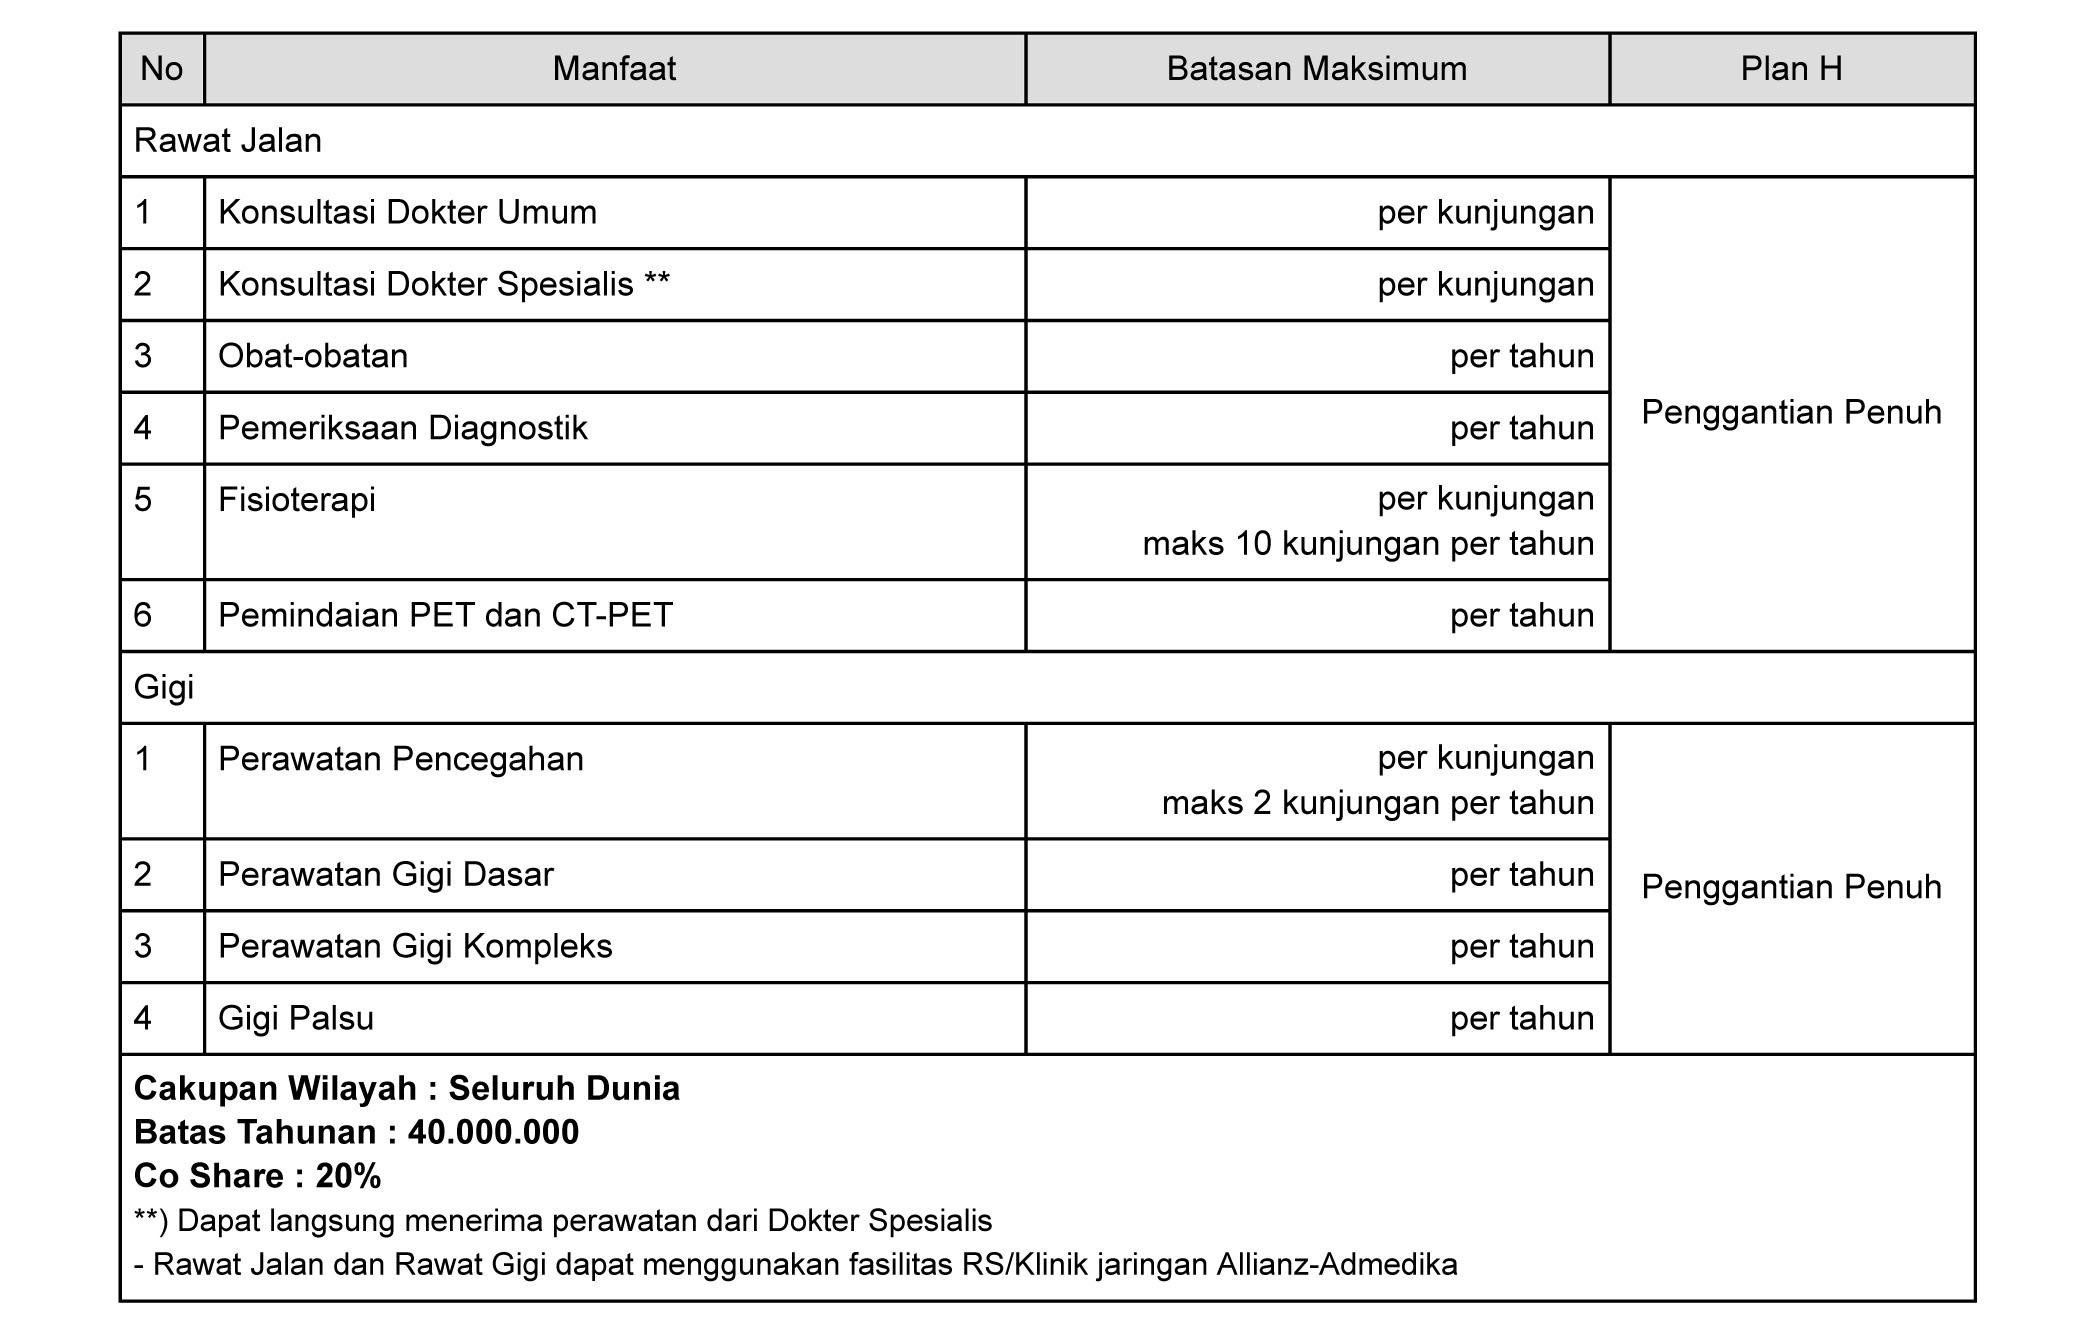 tabel manfaat asuransi rawat gigi smartmed premier plan H